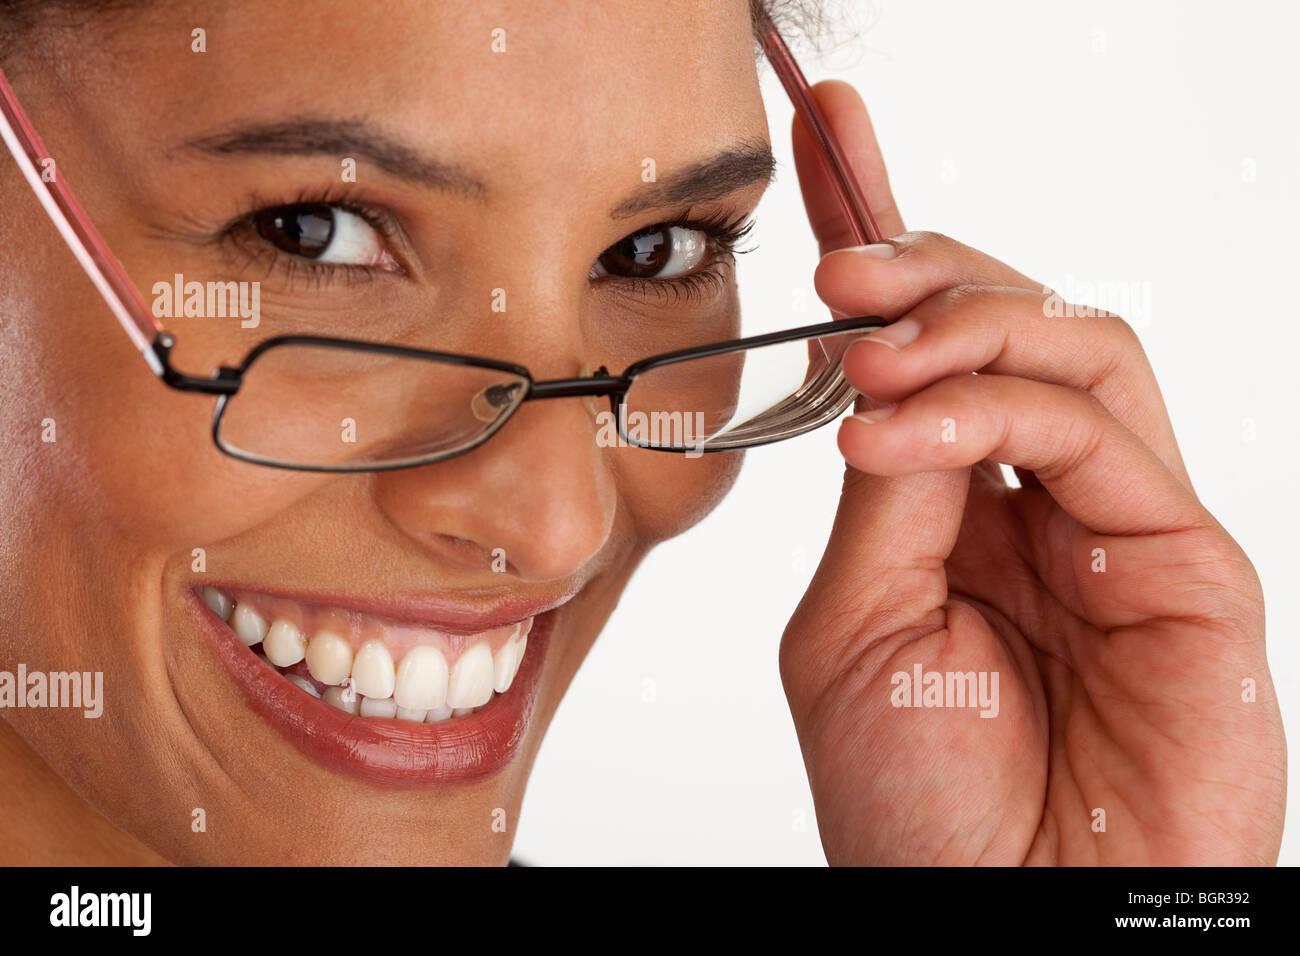 Nahaufnahme der junge Frau mit Brille. Horizontal gerahmten Schuss. Stockbild